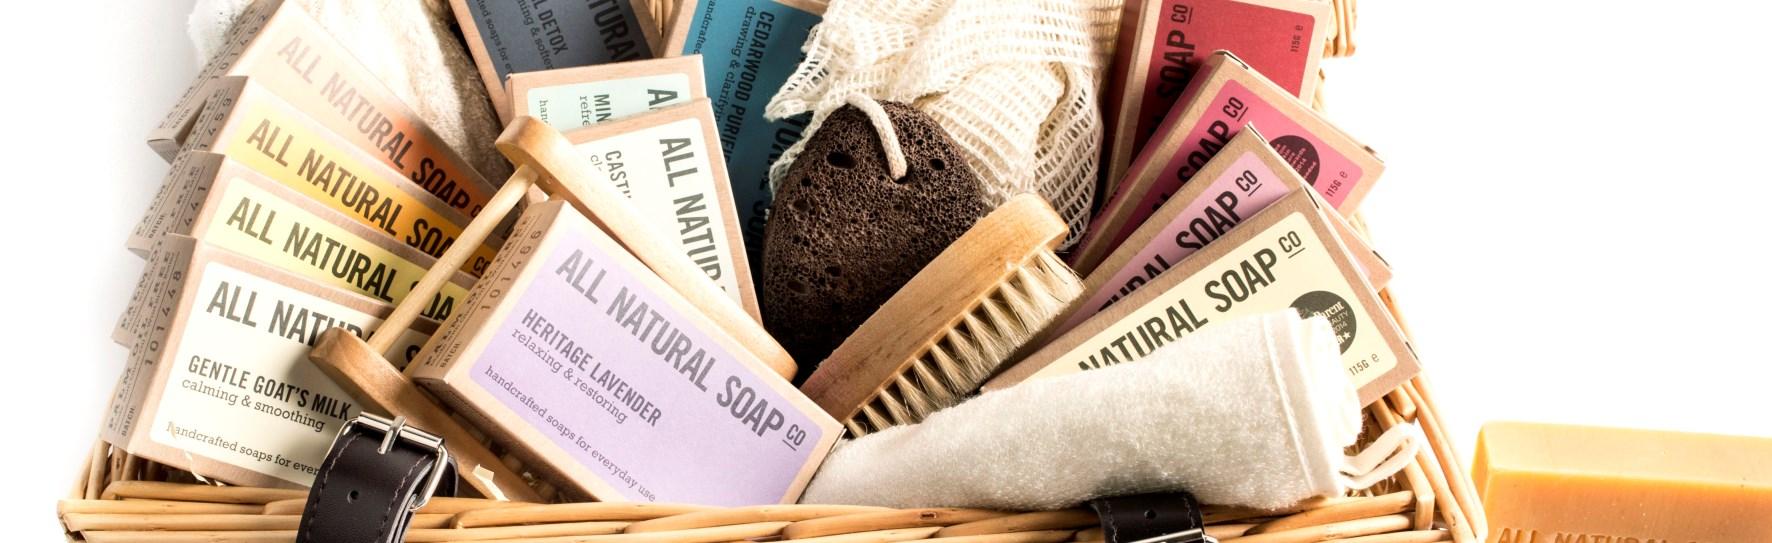 Hamper_closeup_ALL-NATURAL-SOAP-Co